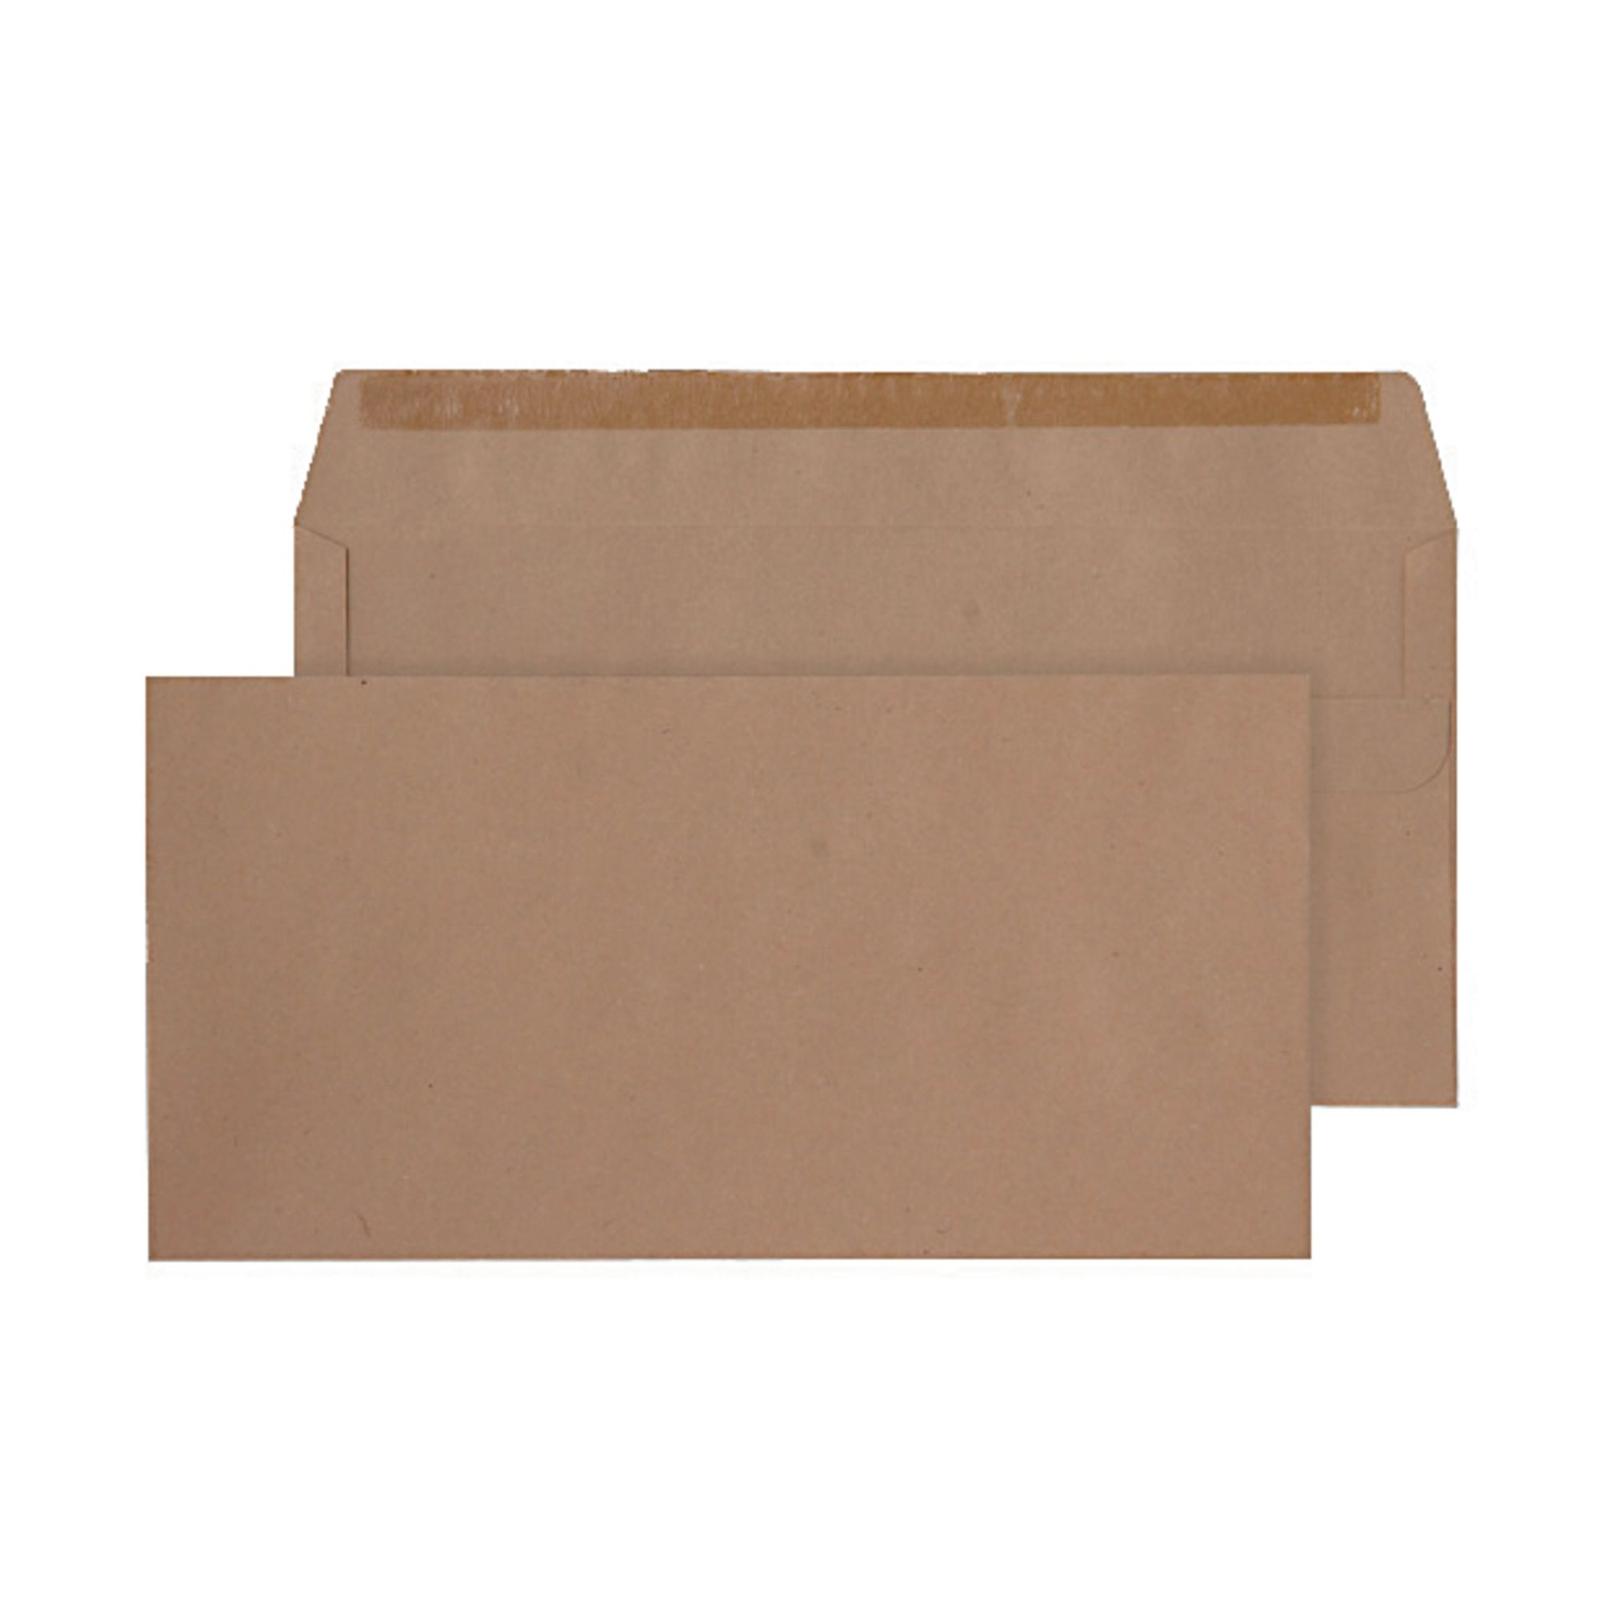 DL Manilla Gummed Mailer Envelopes - Pack of 50